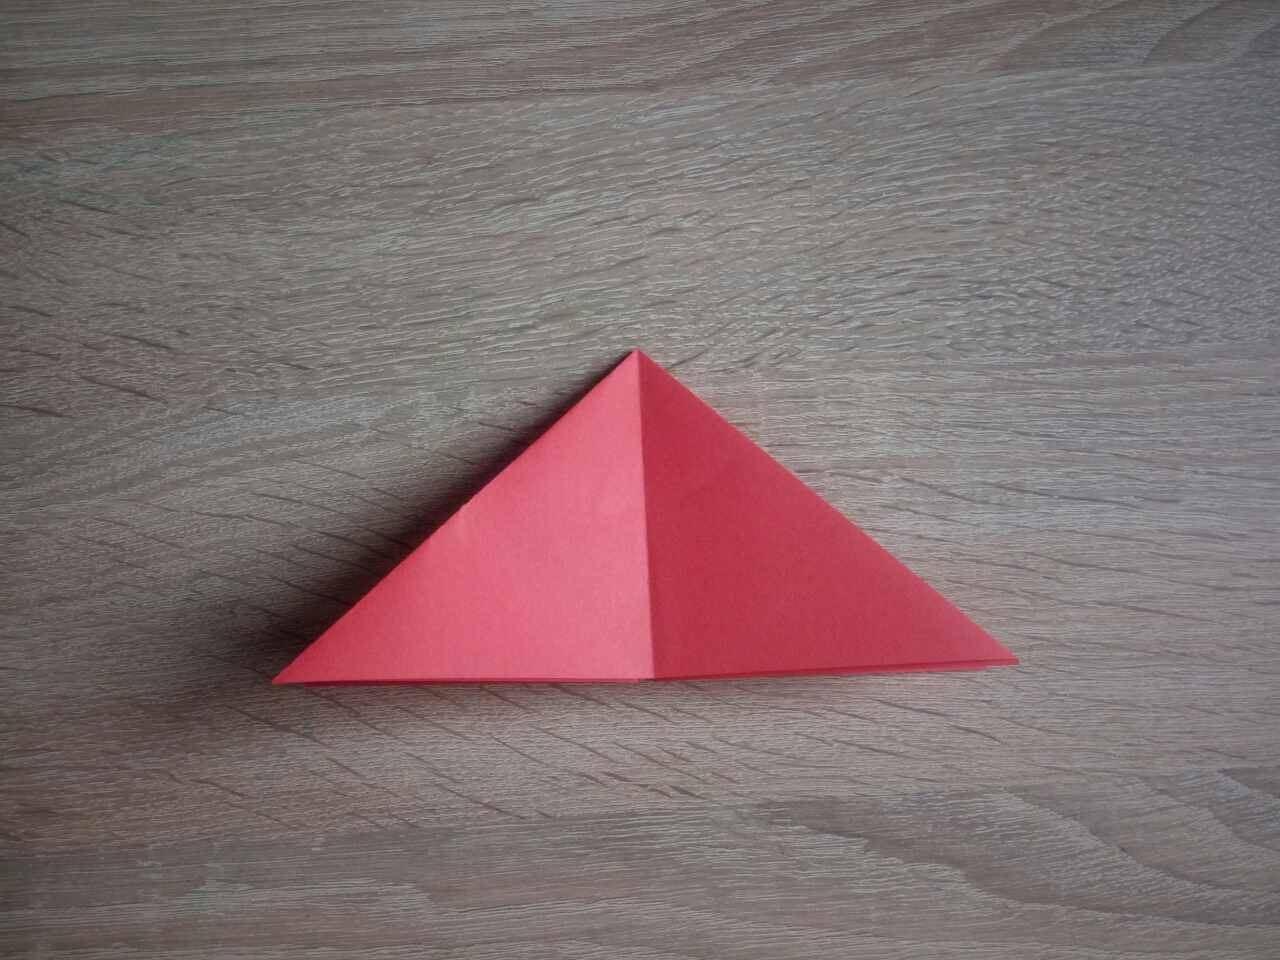 Загибаем углы, делая треугольник